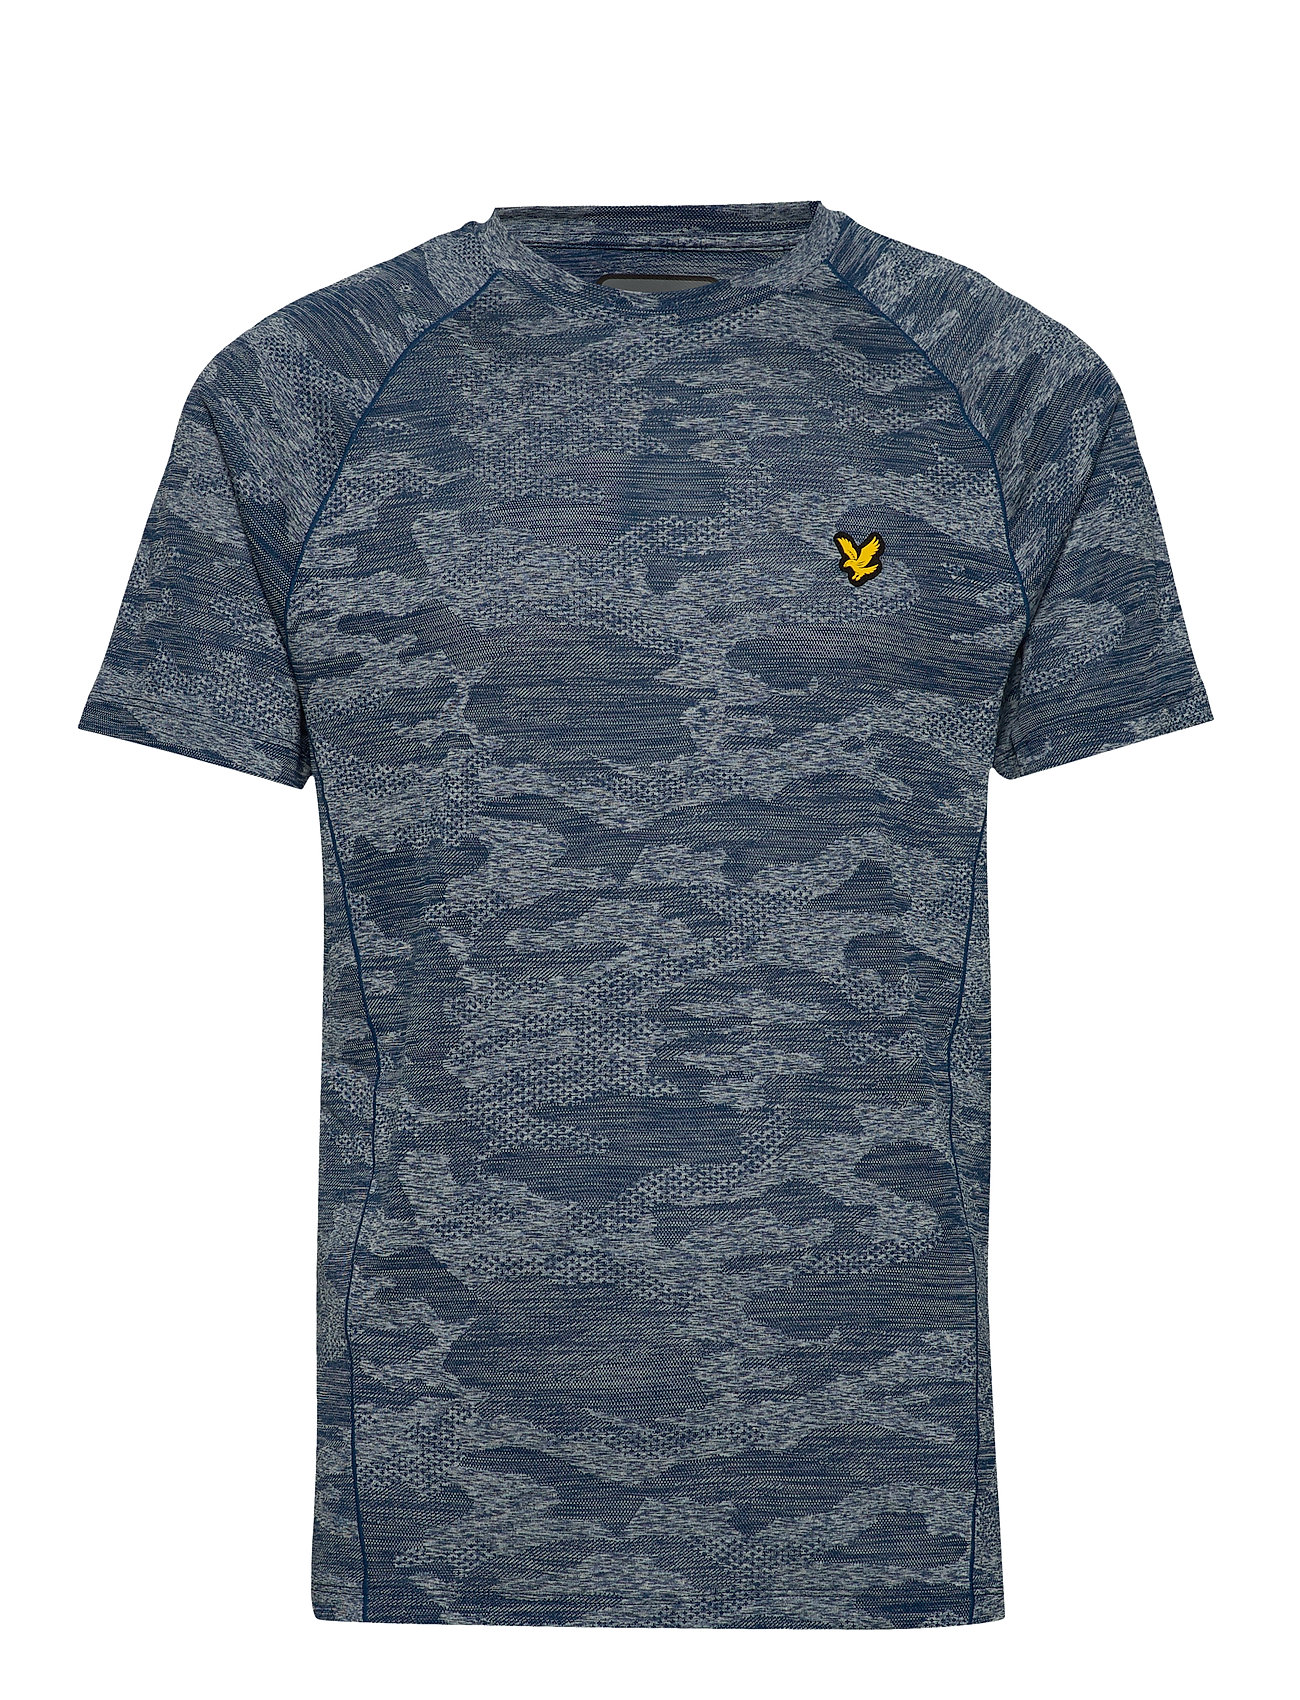 Image of Camo Sports Tee T-shirt Blå Lyle & Scott Sport (3326812135)